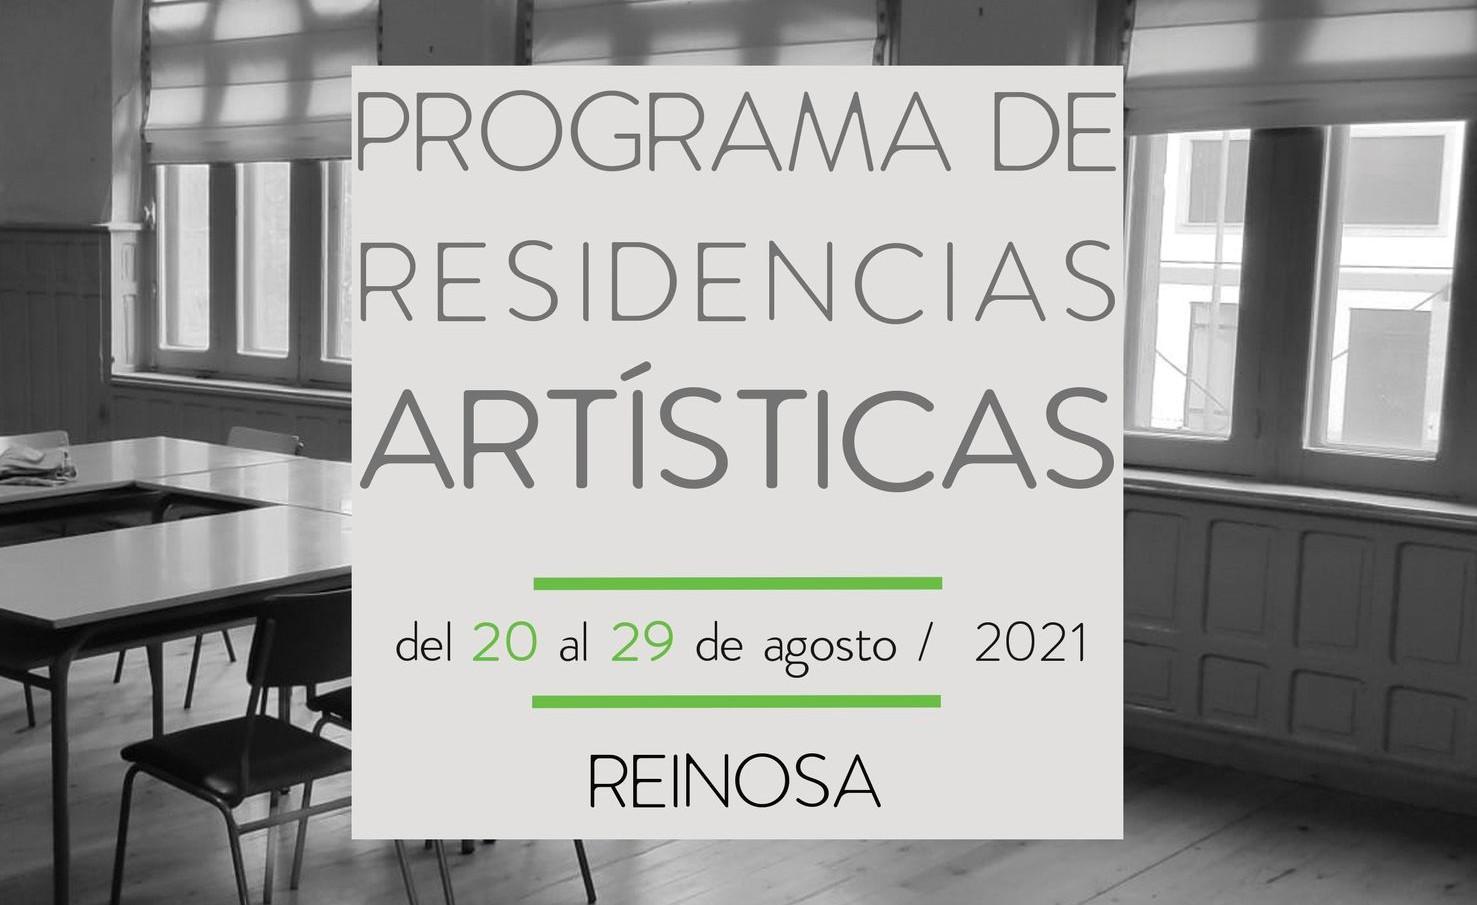 Programa de Residencias de Artistas